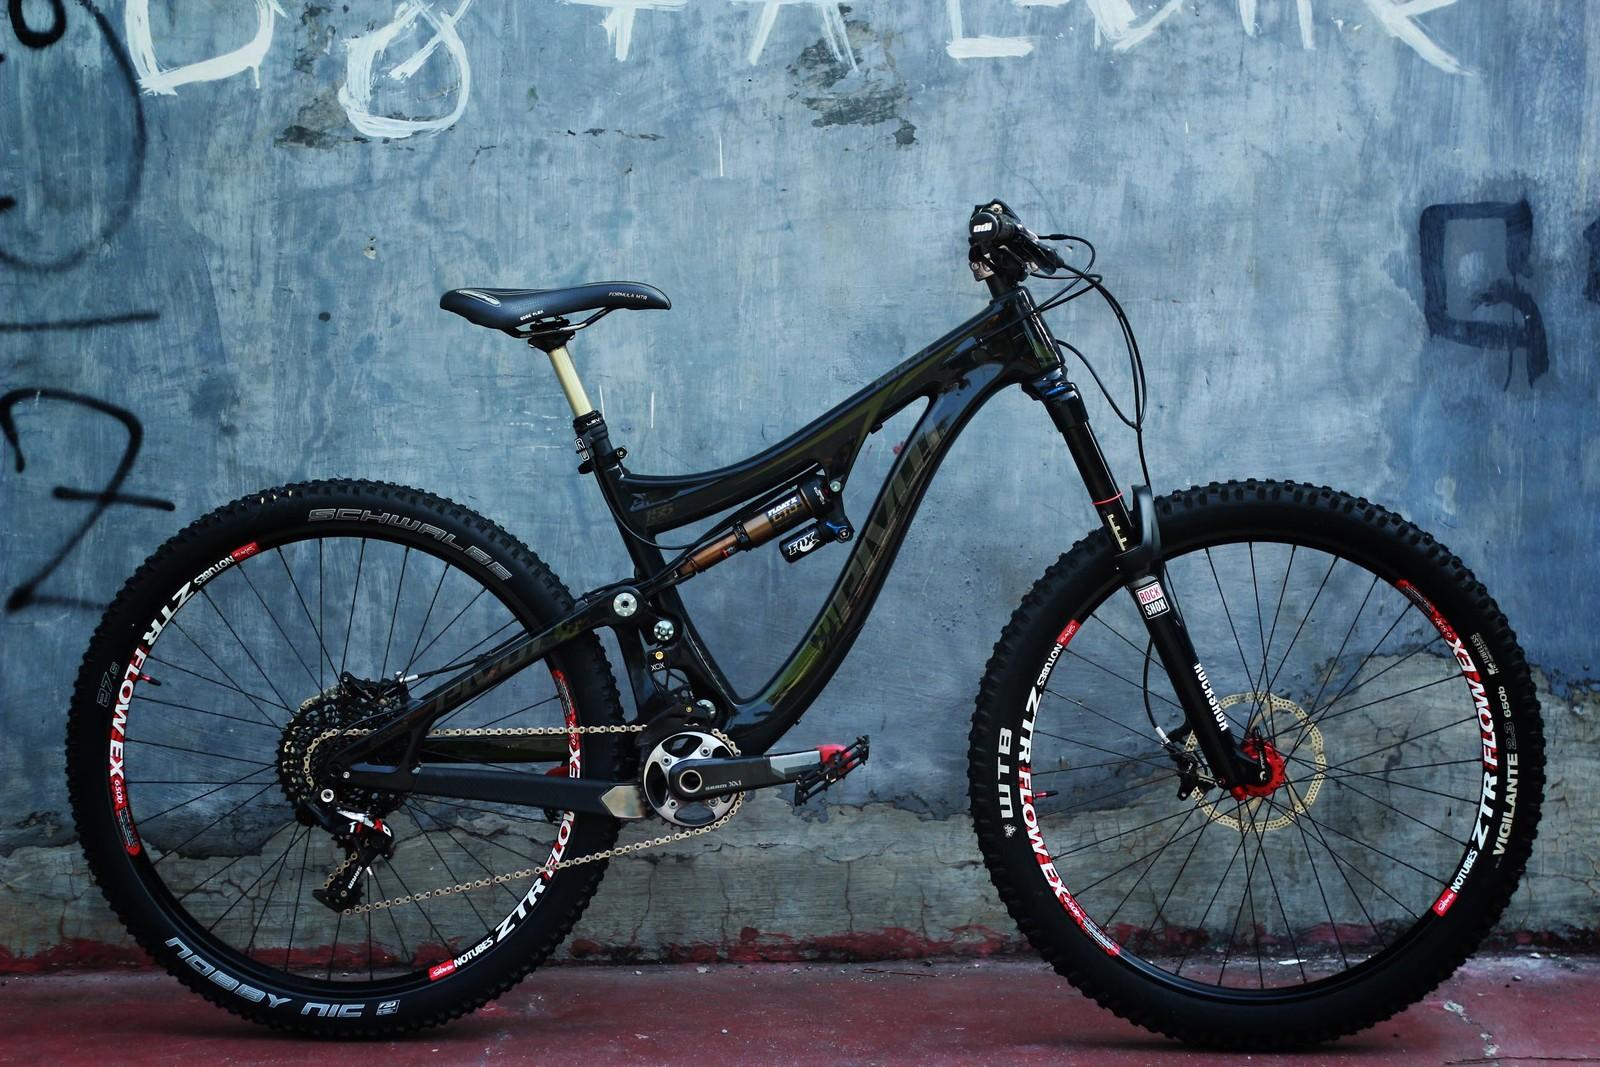 BLACK MACH 6